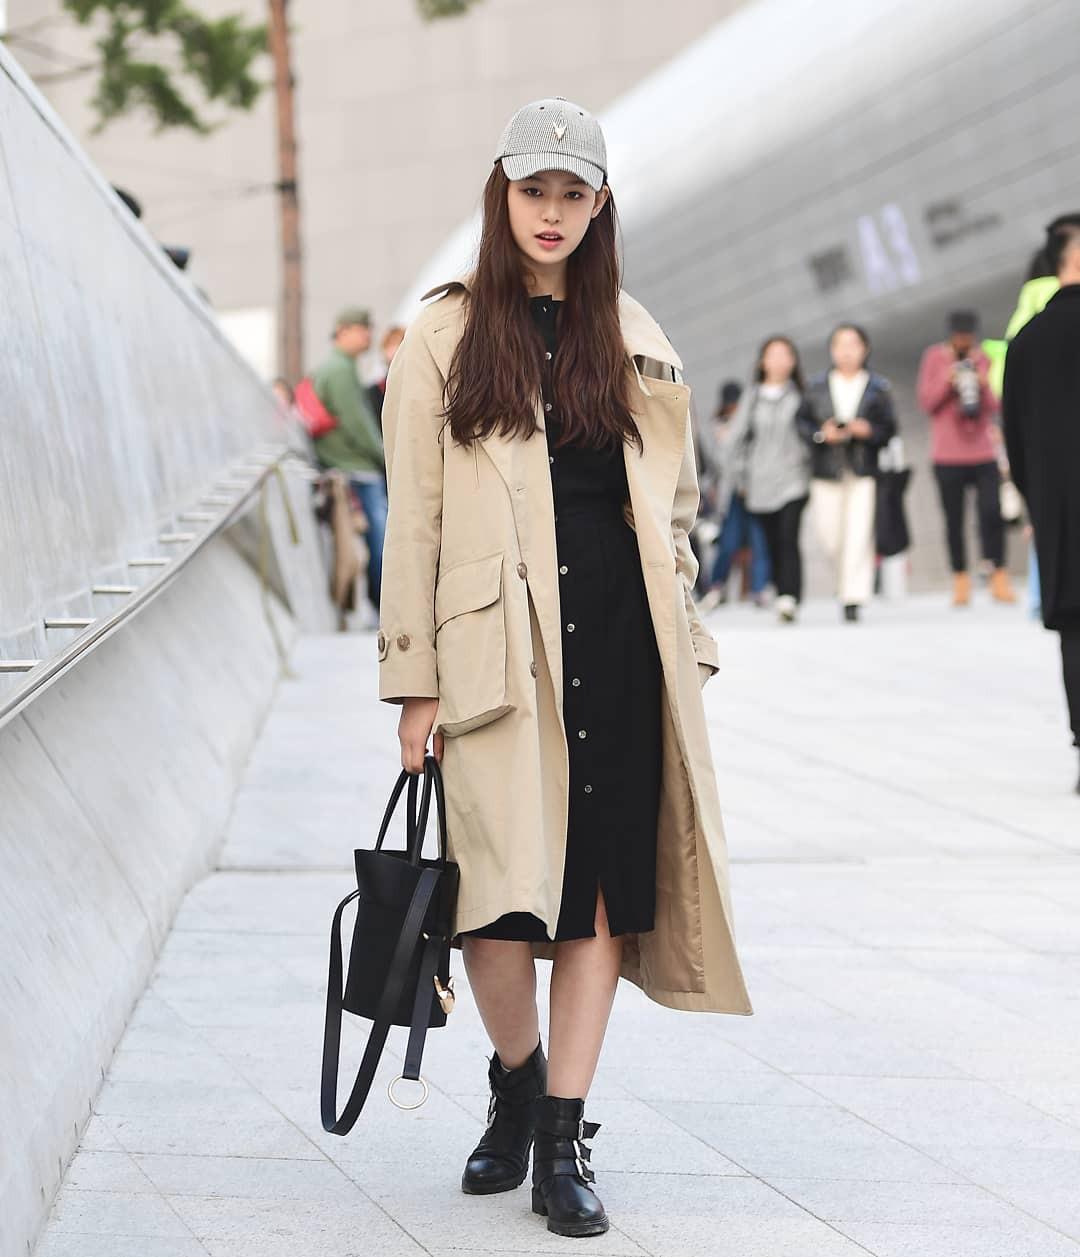 Street style giới trẻ Hàn tuần qua: nữ tính, cá tính, chất chơi chiêu nào cũng có và đều đẹp ngất ngây - Ảnh 6.